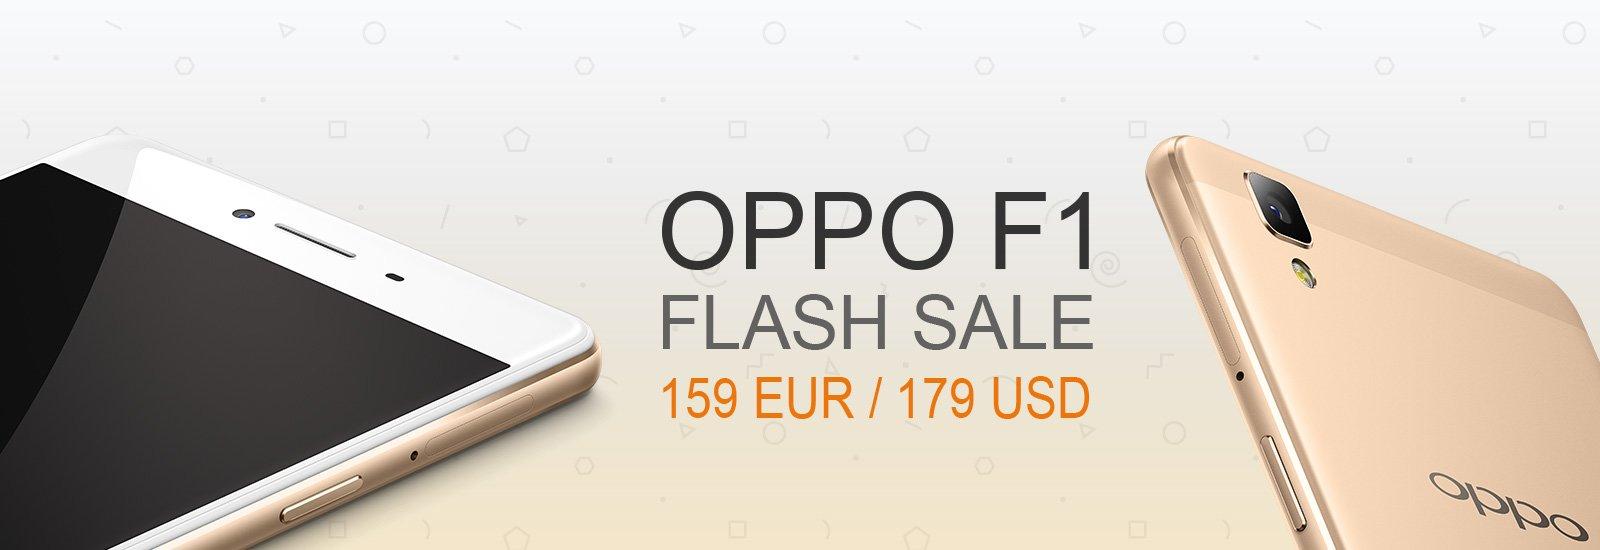 Tabletowo.pl Flash Sale Oppo: Każdy model taniej, a im więcej kupisz, tym większy rabat dostaniesz Android Oppo Promocje Smartfony